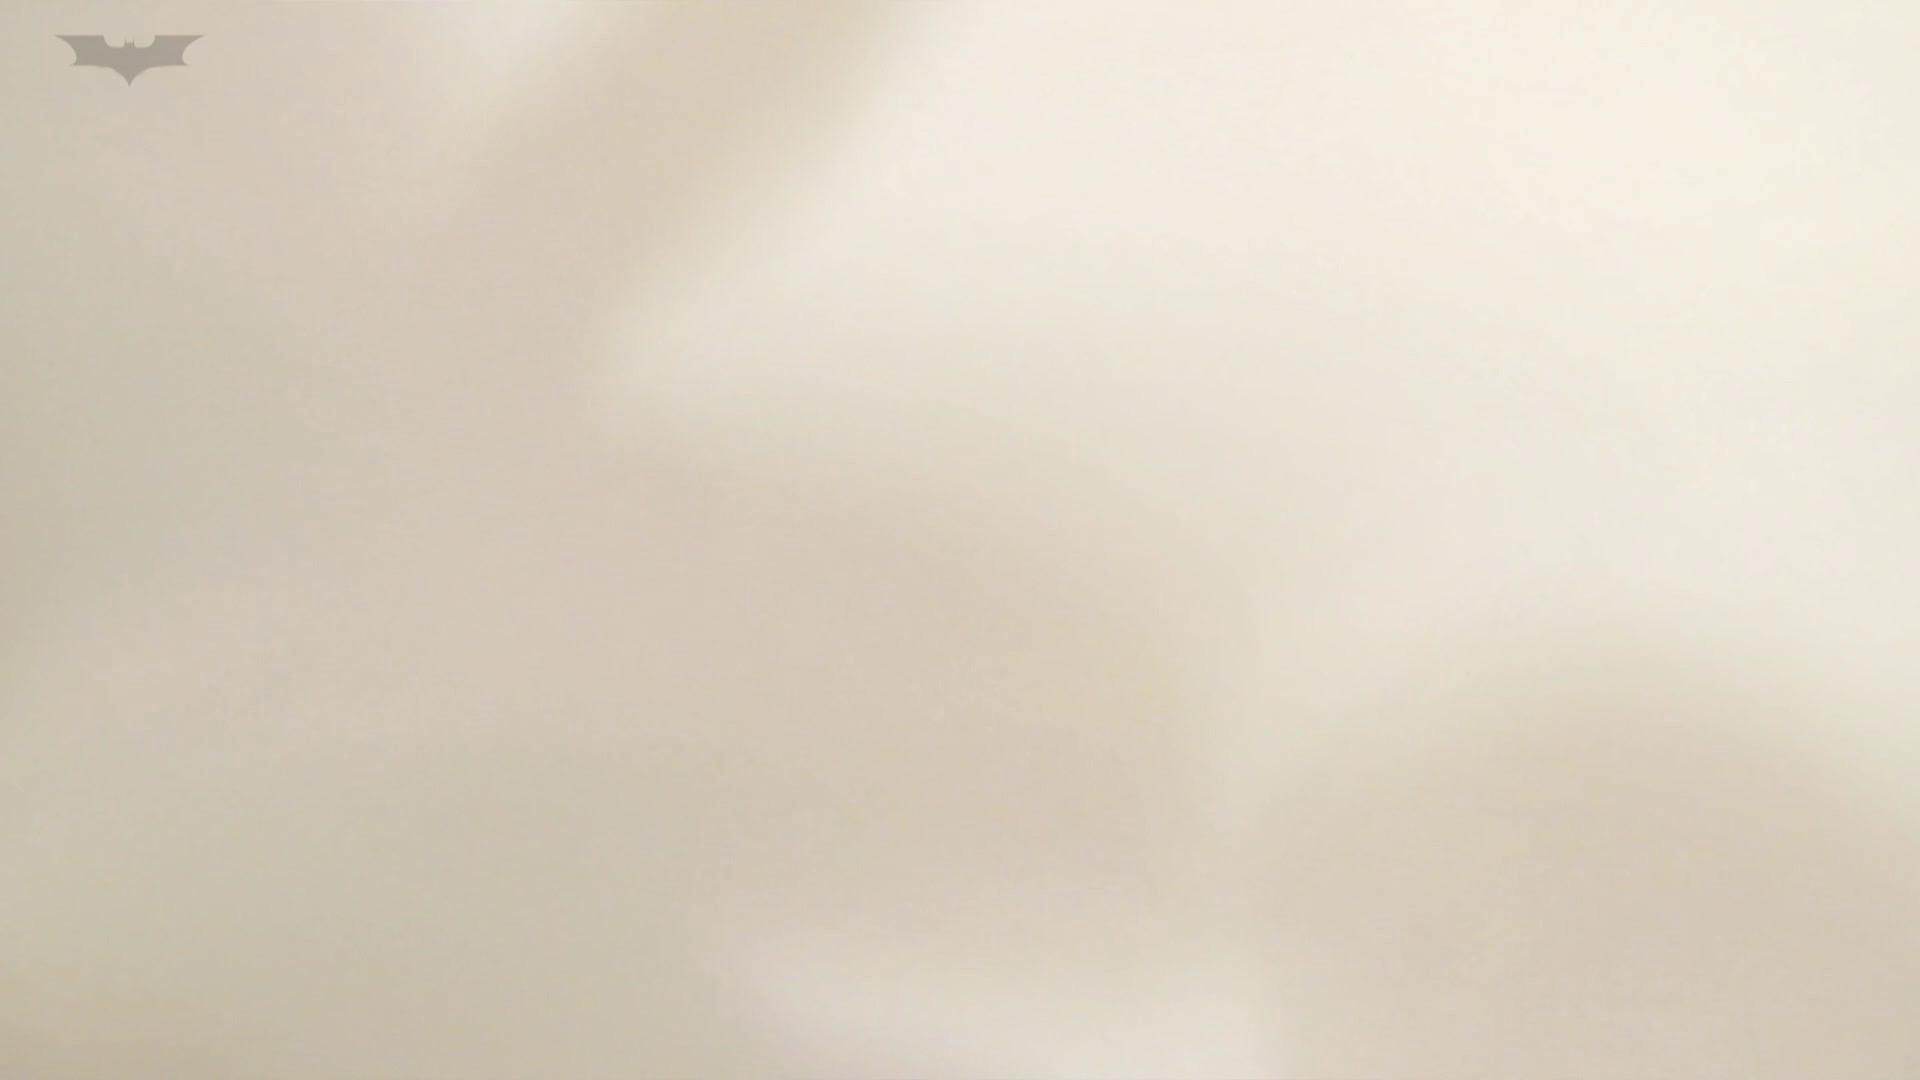 新世界の射窓 No72 モデル級なら個室から飛び出て追っかけます 洗面所のぞき オマンコ動画キャプチャ 108枚 94